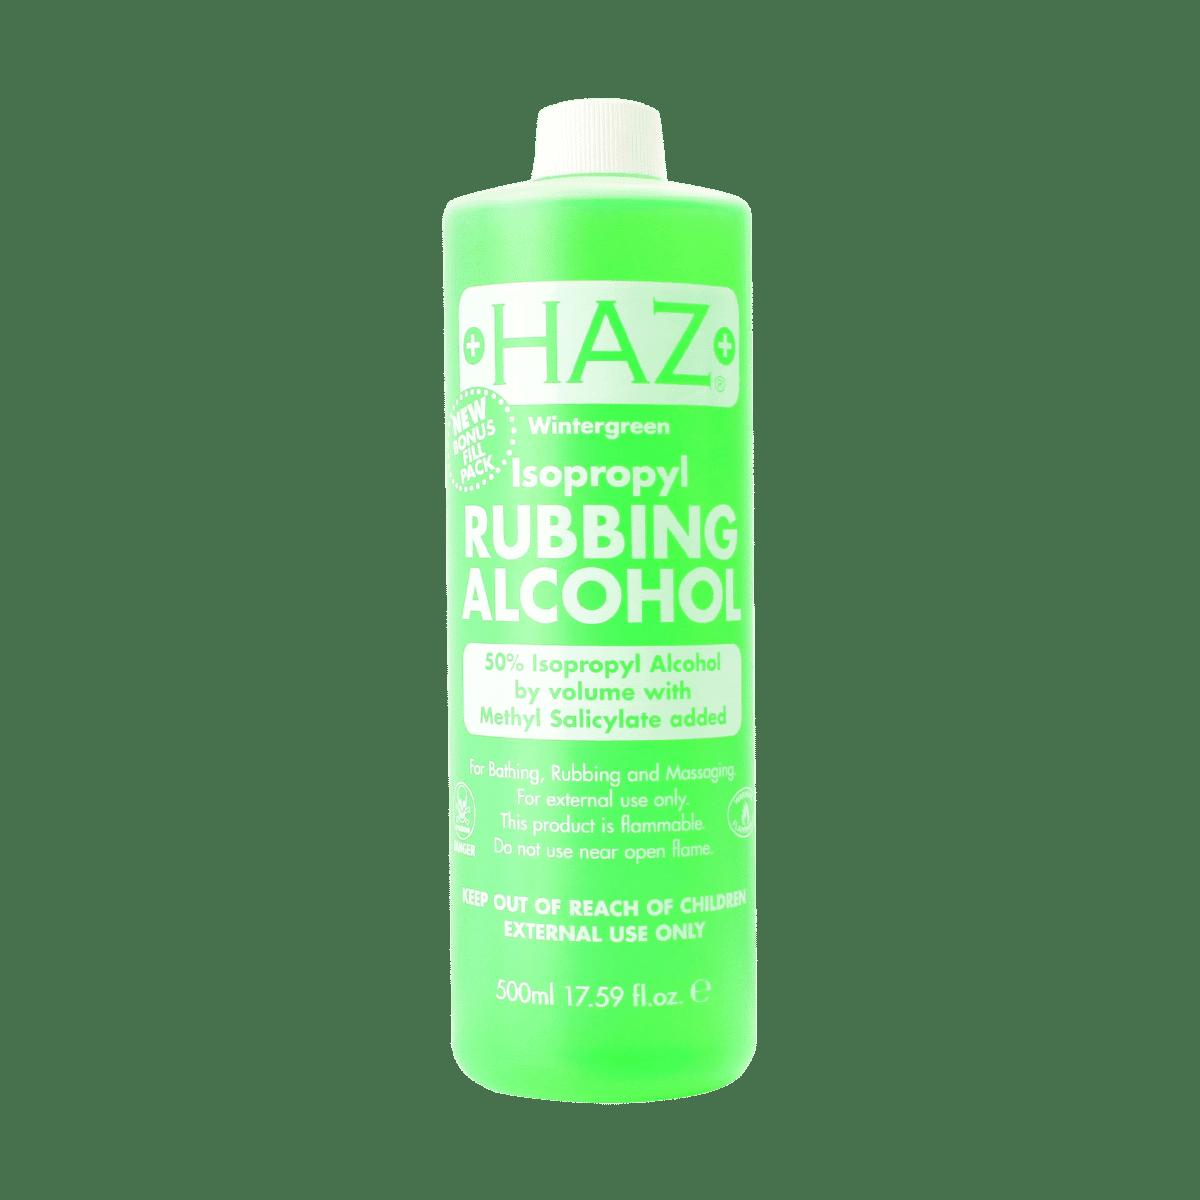 Haz Isopropyl Rubbing Alcohol 50% - 500ml